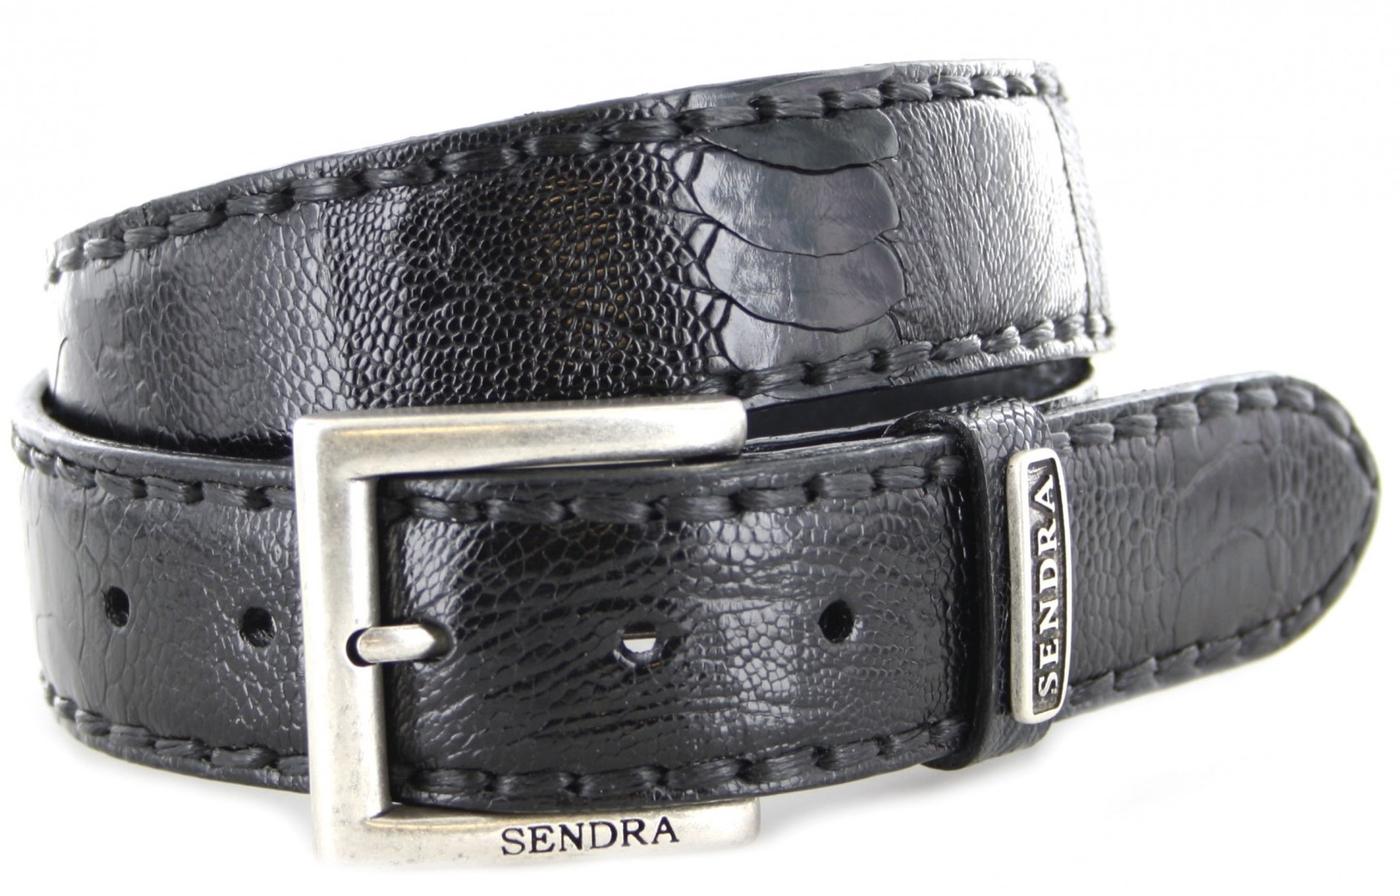 Sendra Boots 1016 Negro Exotic Ledergürtel - schwarz